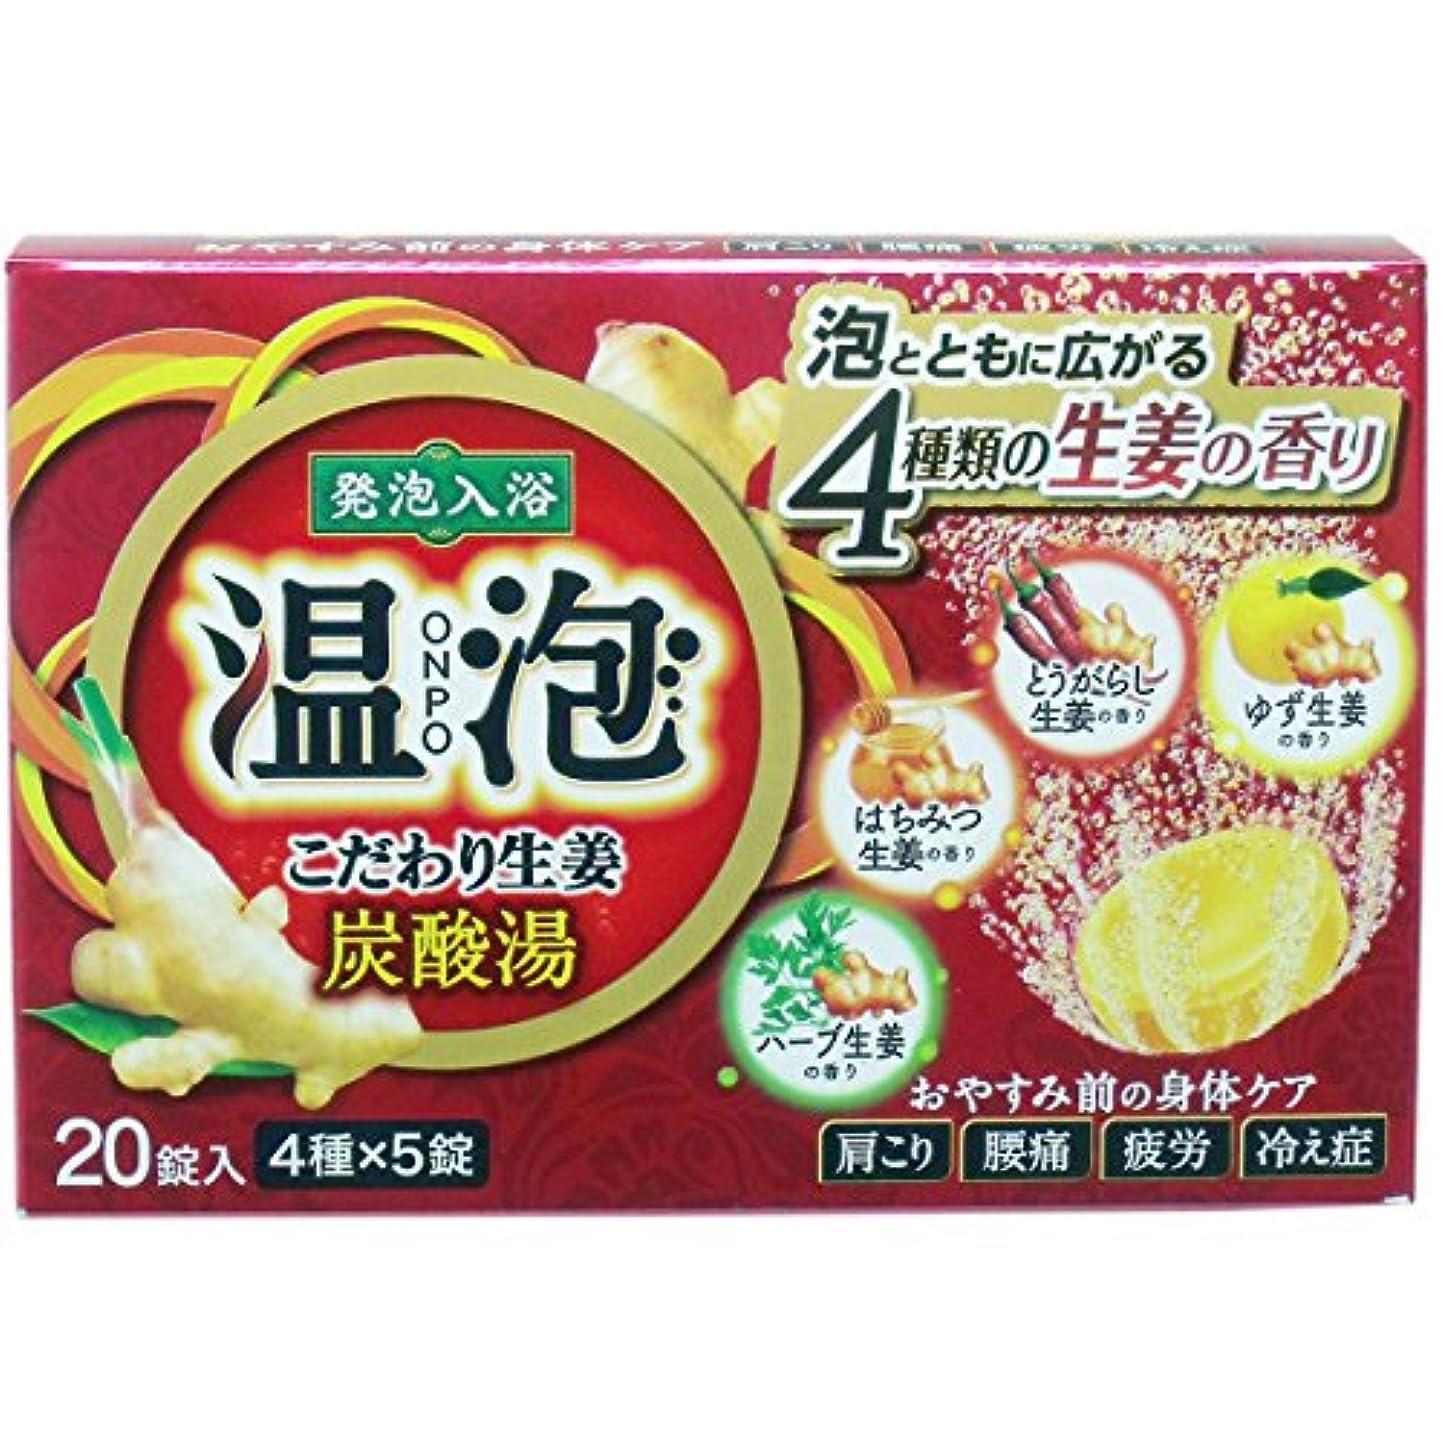 温泡 こだわり生姜 炭酸湯 × 5個セット